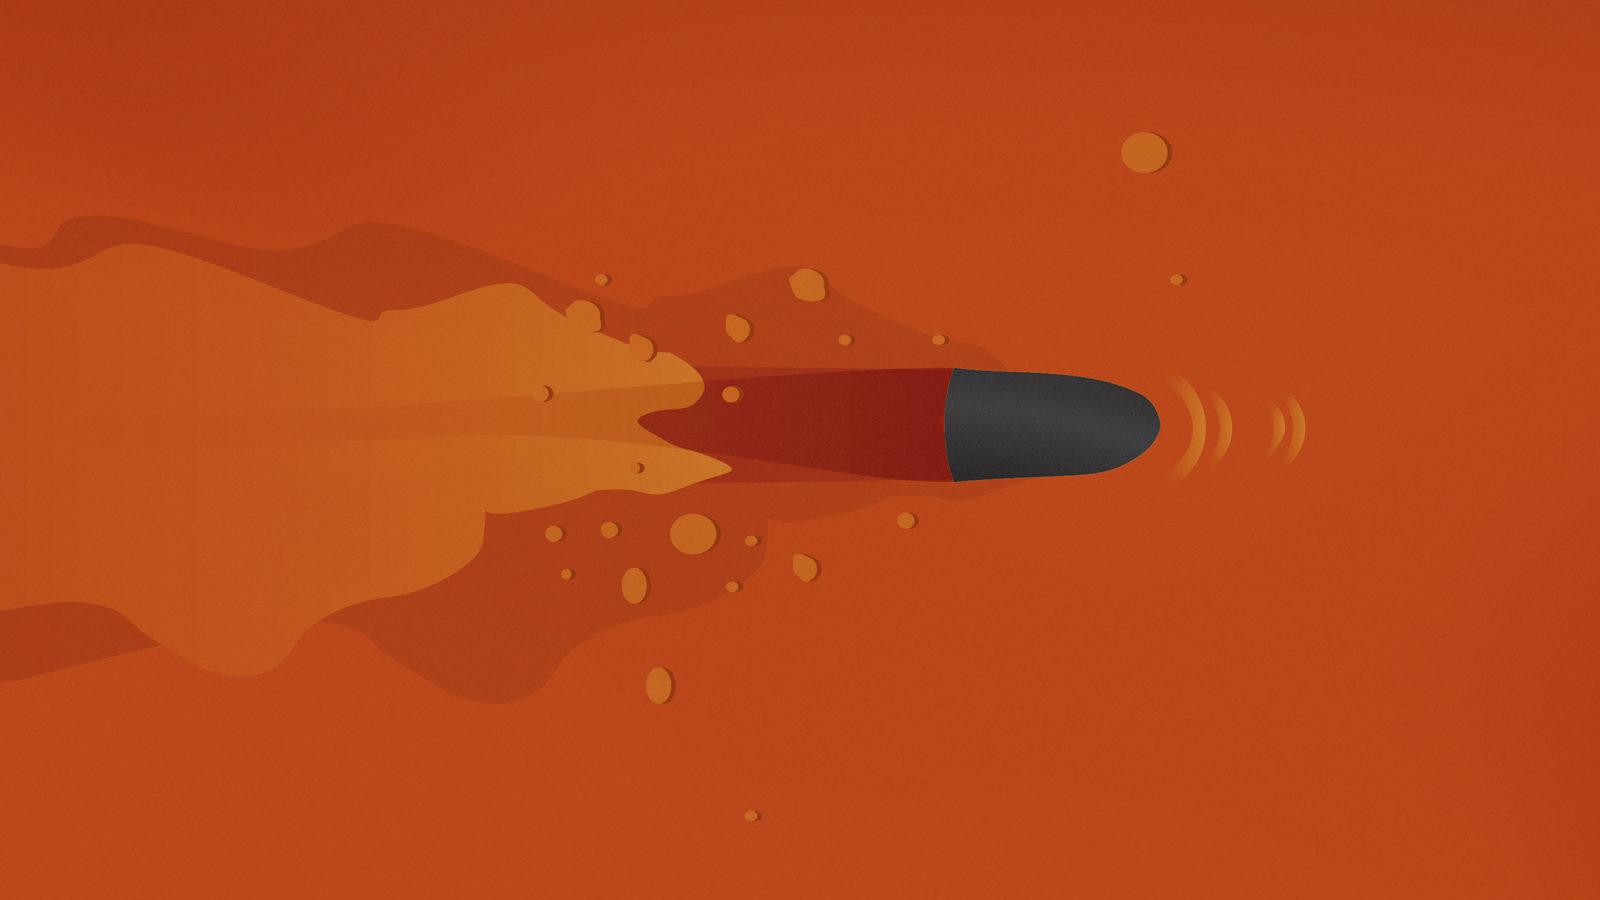 Image: Bullet